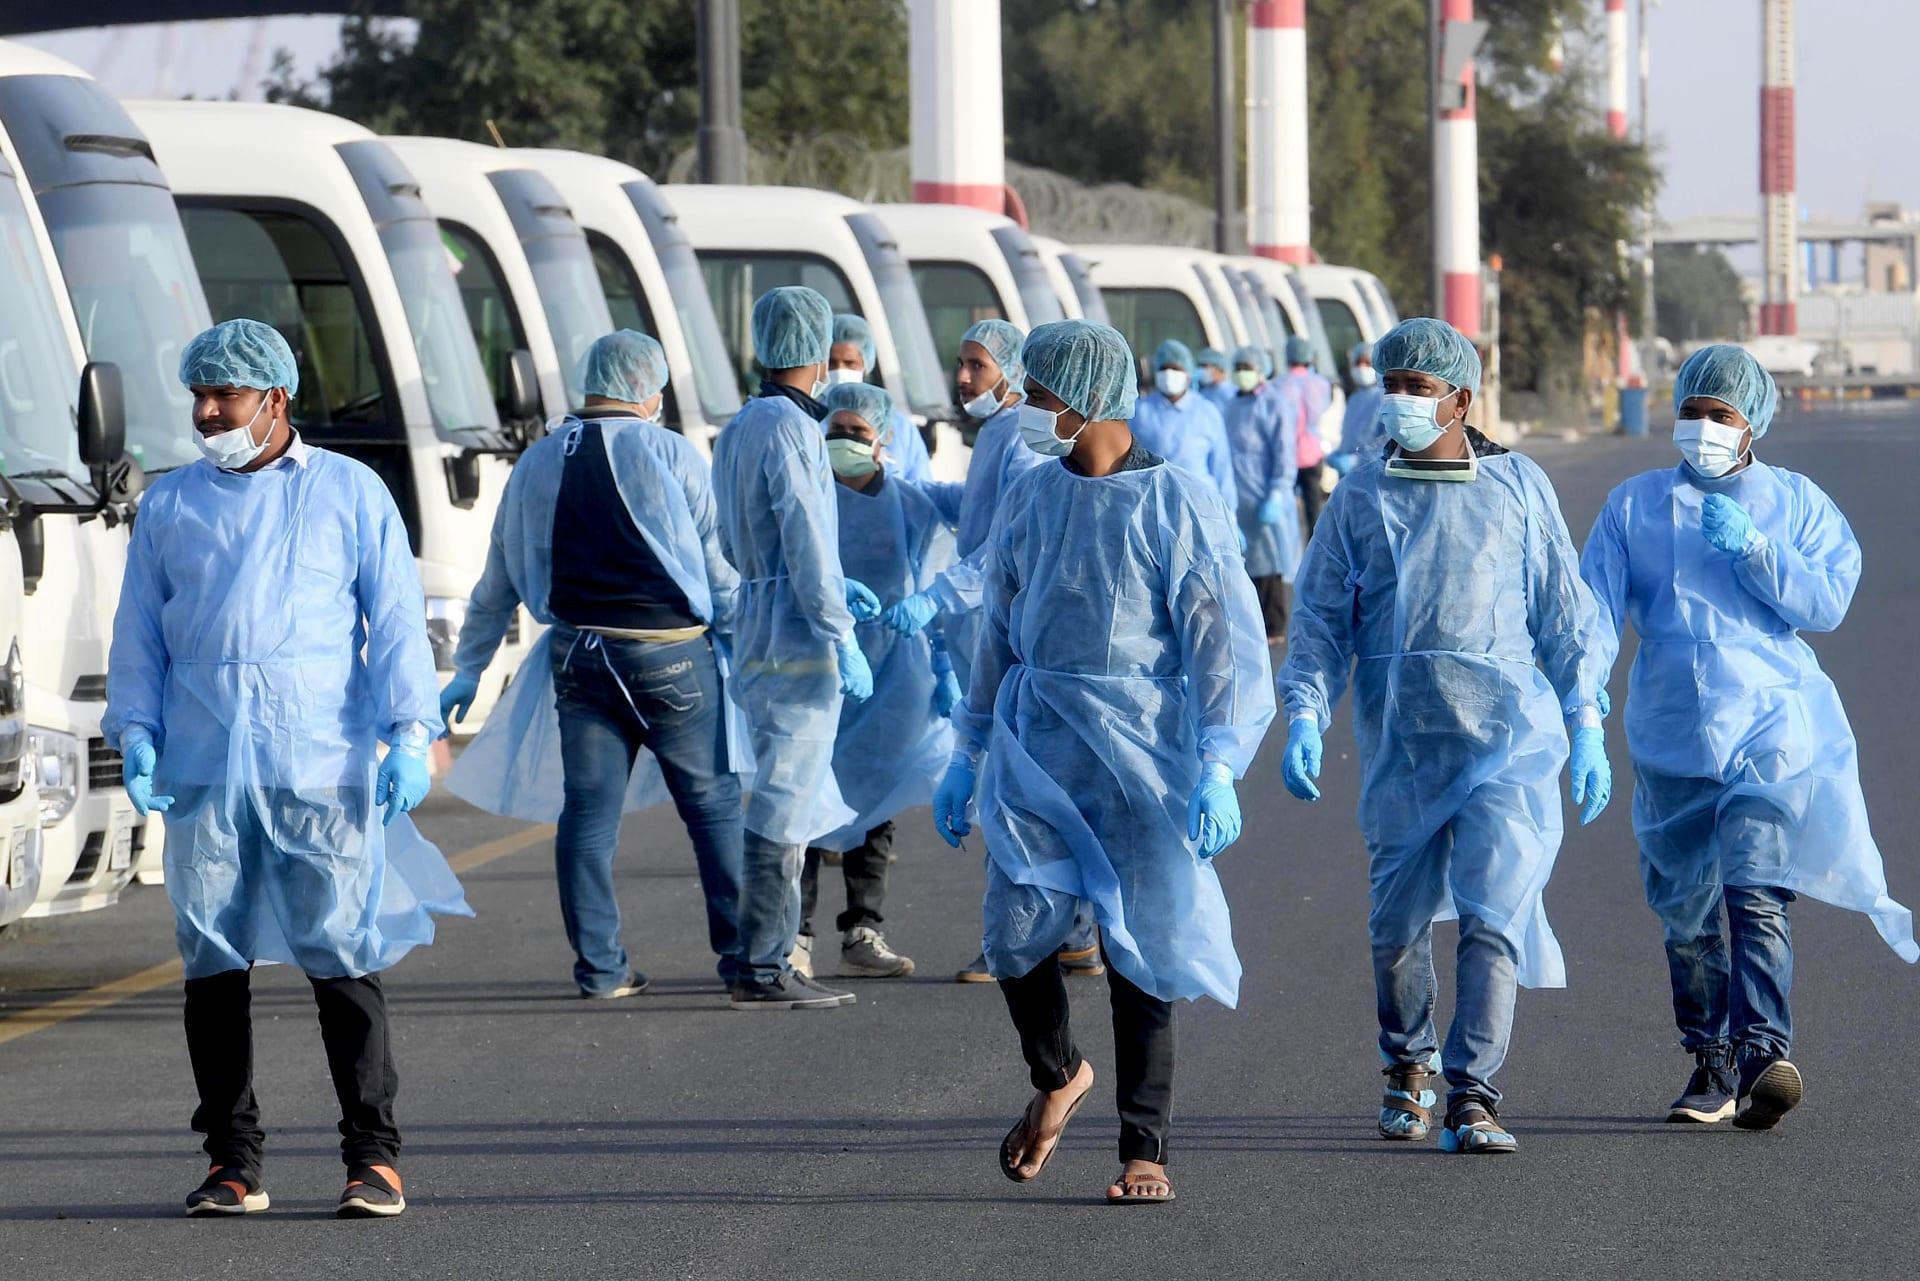 عمال طبيون في الكويت يستعدون لإجراءات الكشف على عدد من القادمين من الخارج بعد تفشي فيروس كورونا